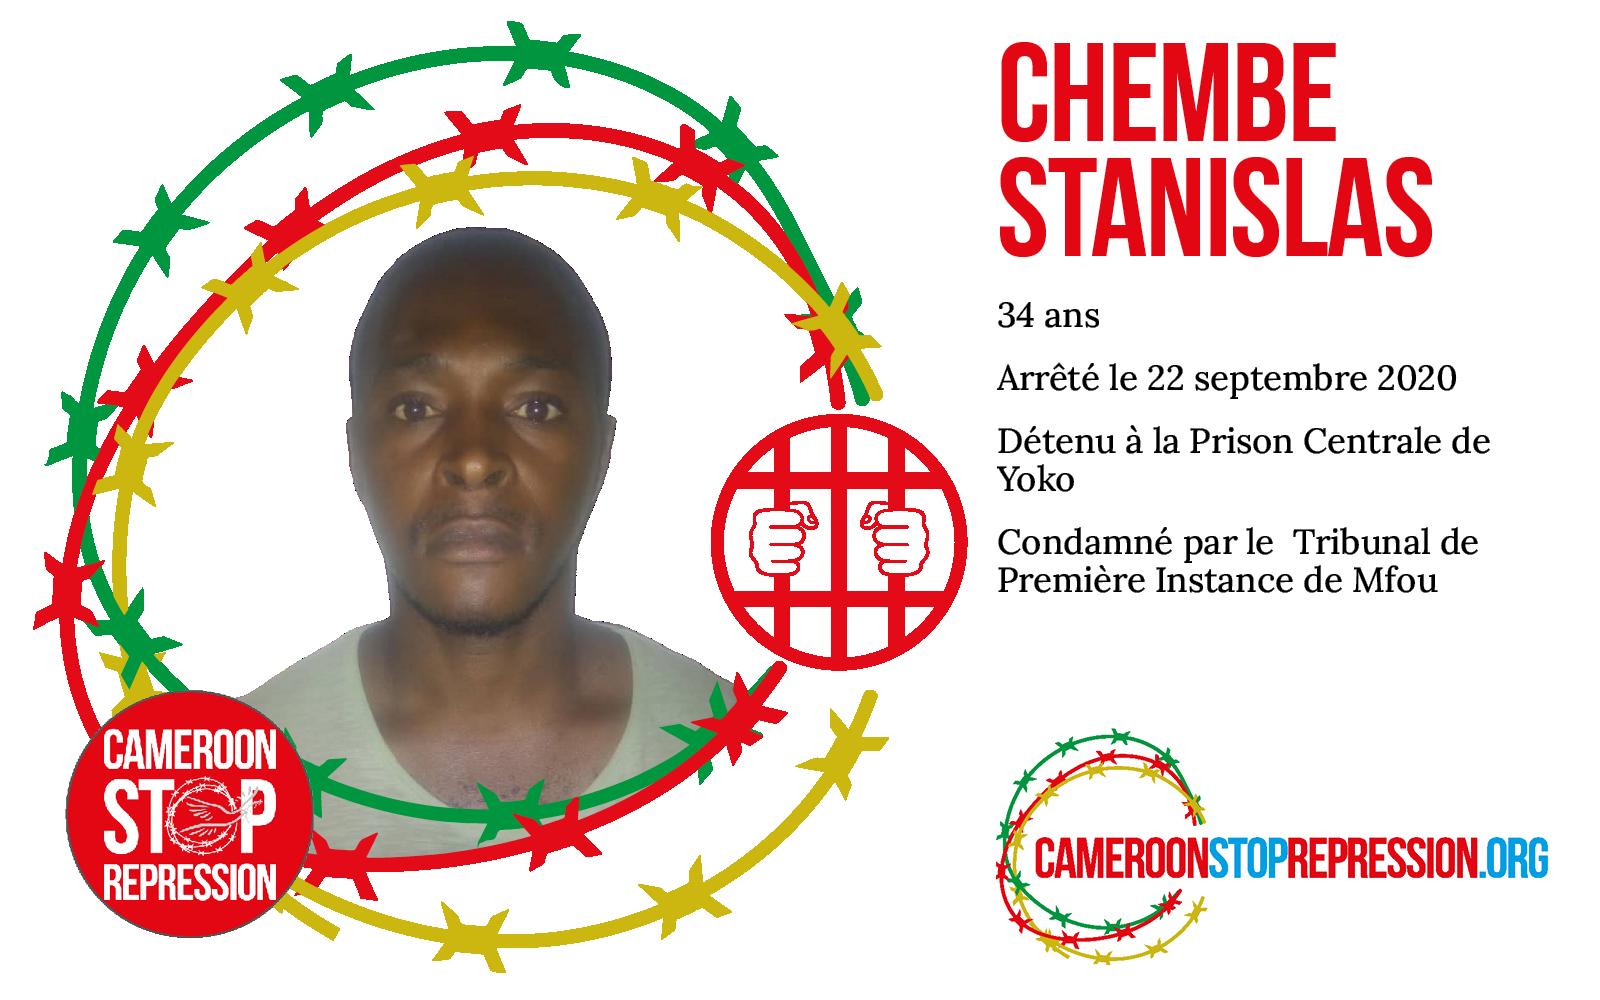 camer-stop-repression5